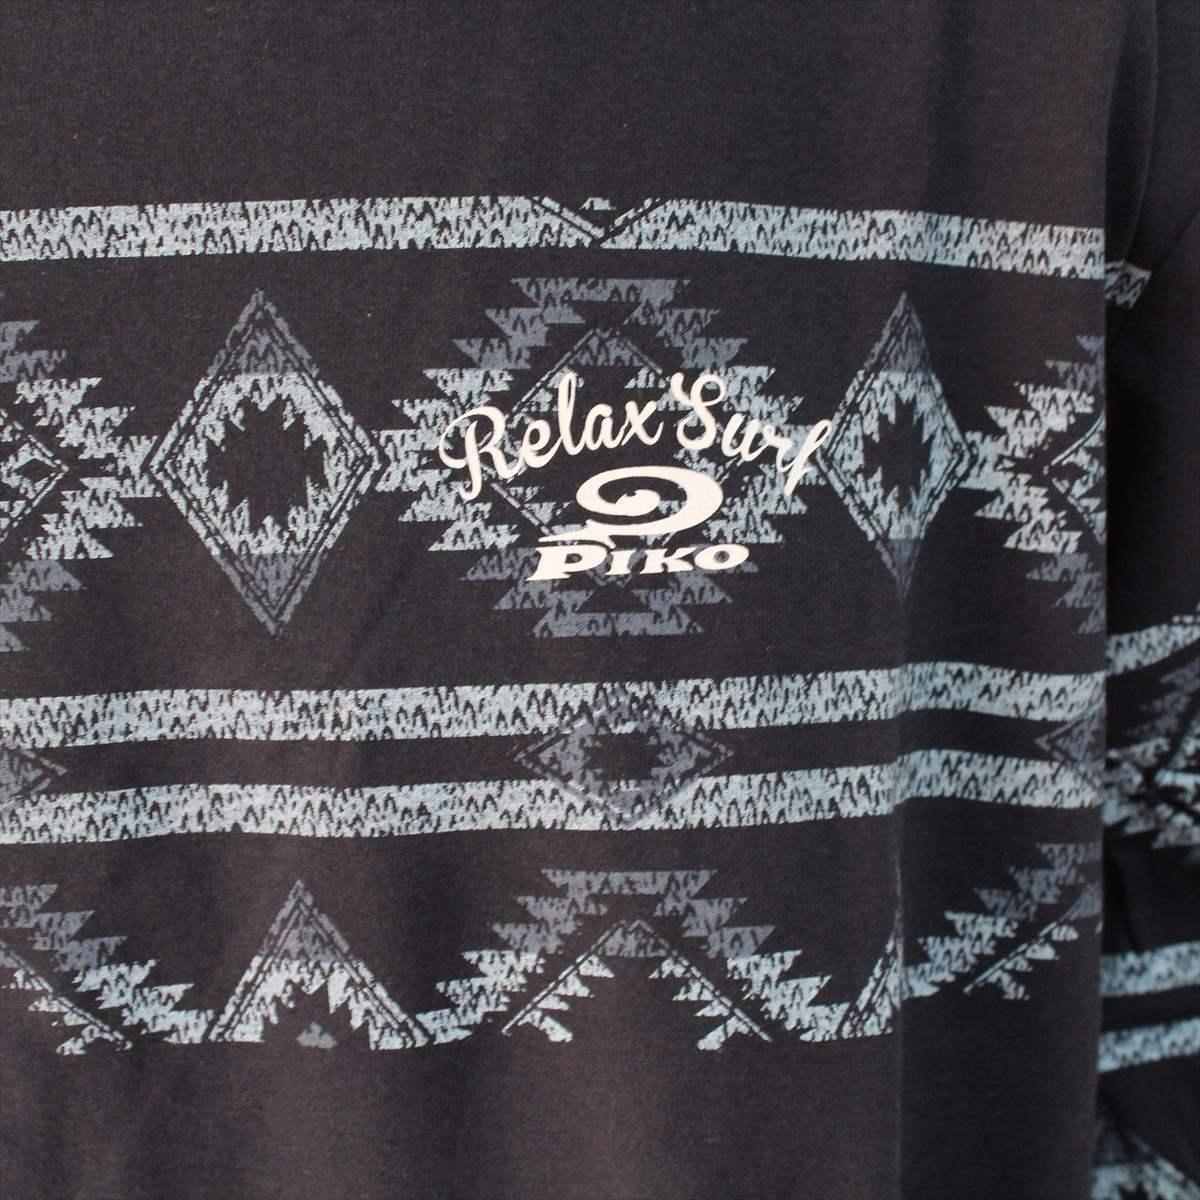 ピコ PIKO メンズ長袖Tシャツ ネイビー XXXLサイズ 新品 サーフ ハワイアン 紺_画像2